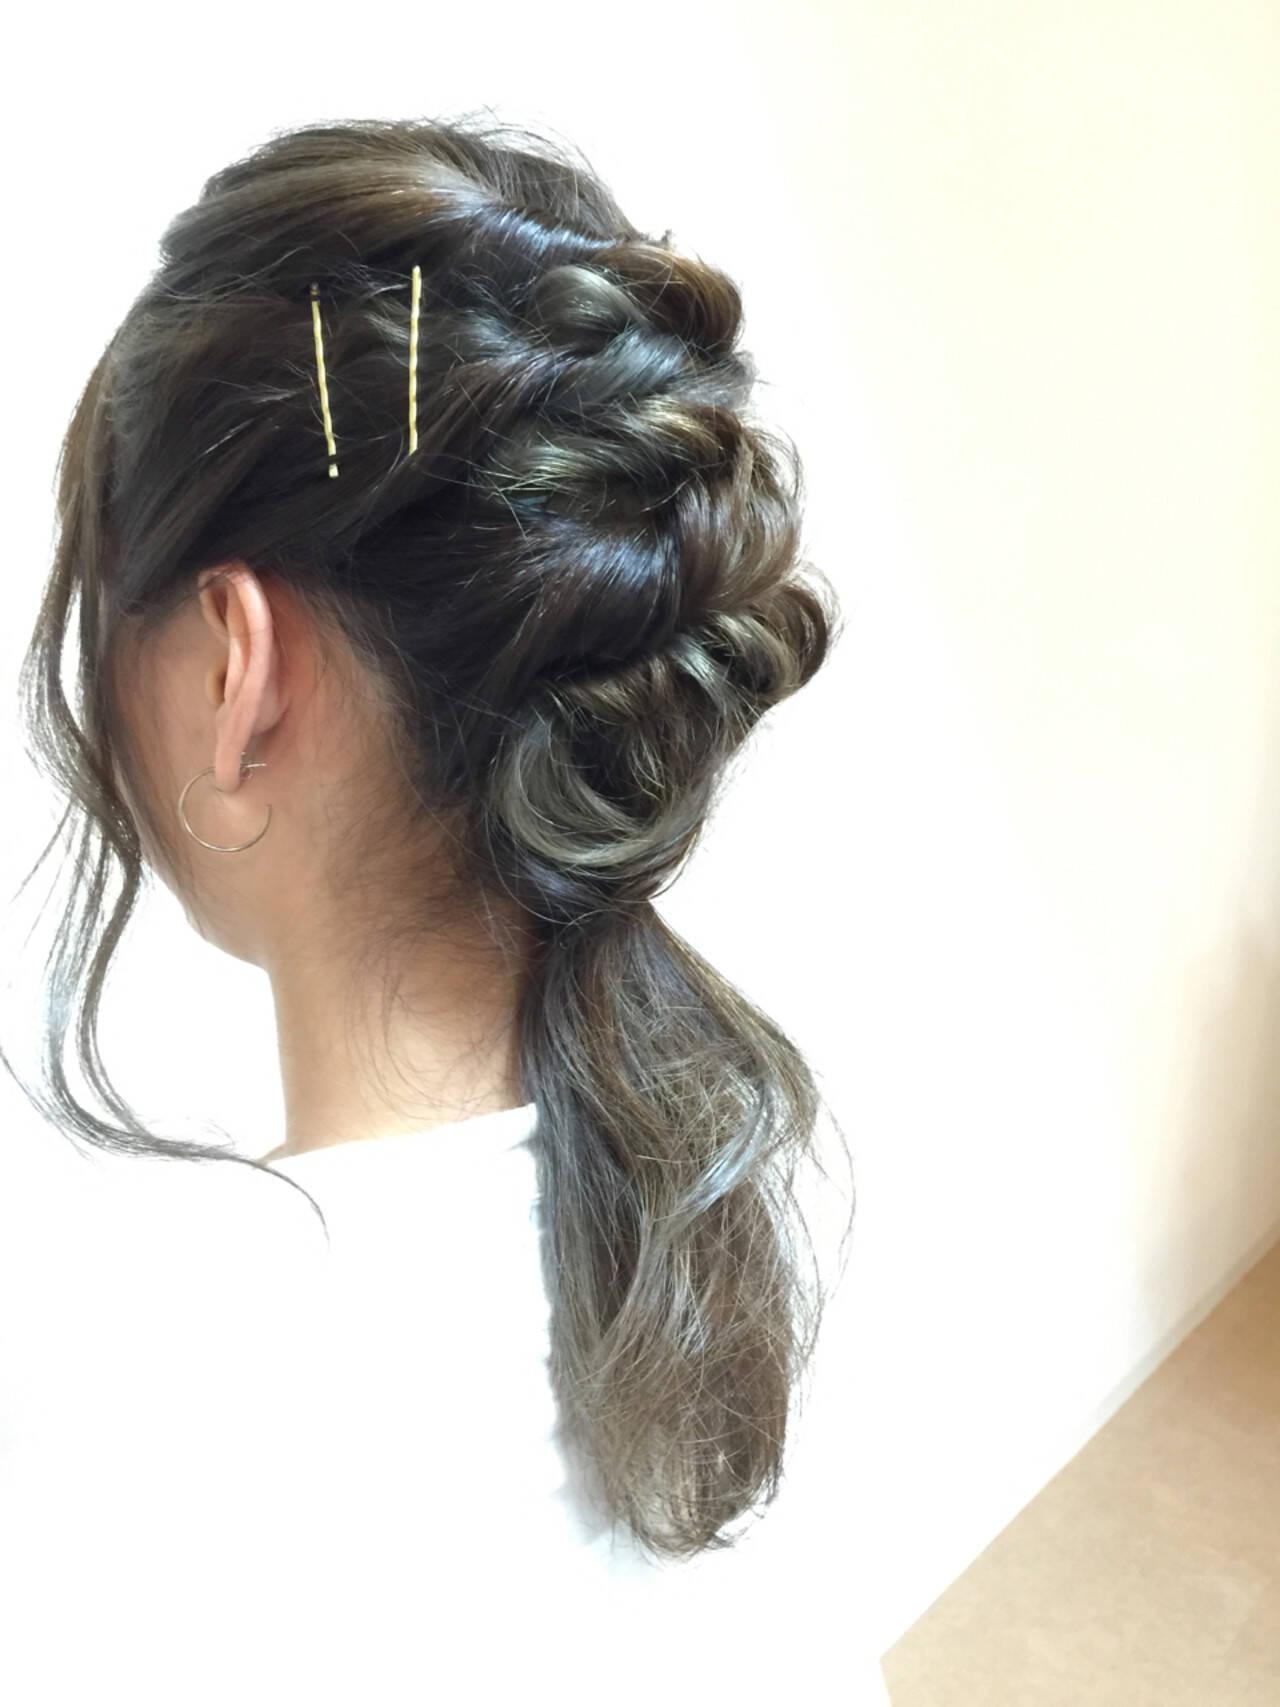 ゆるふわ ミディアム ストリート 簡単ヘアアレンジヘアスタイルや髪型の写真・画像